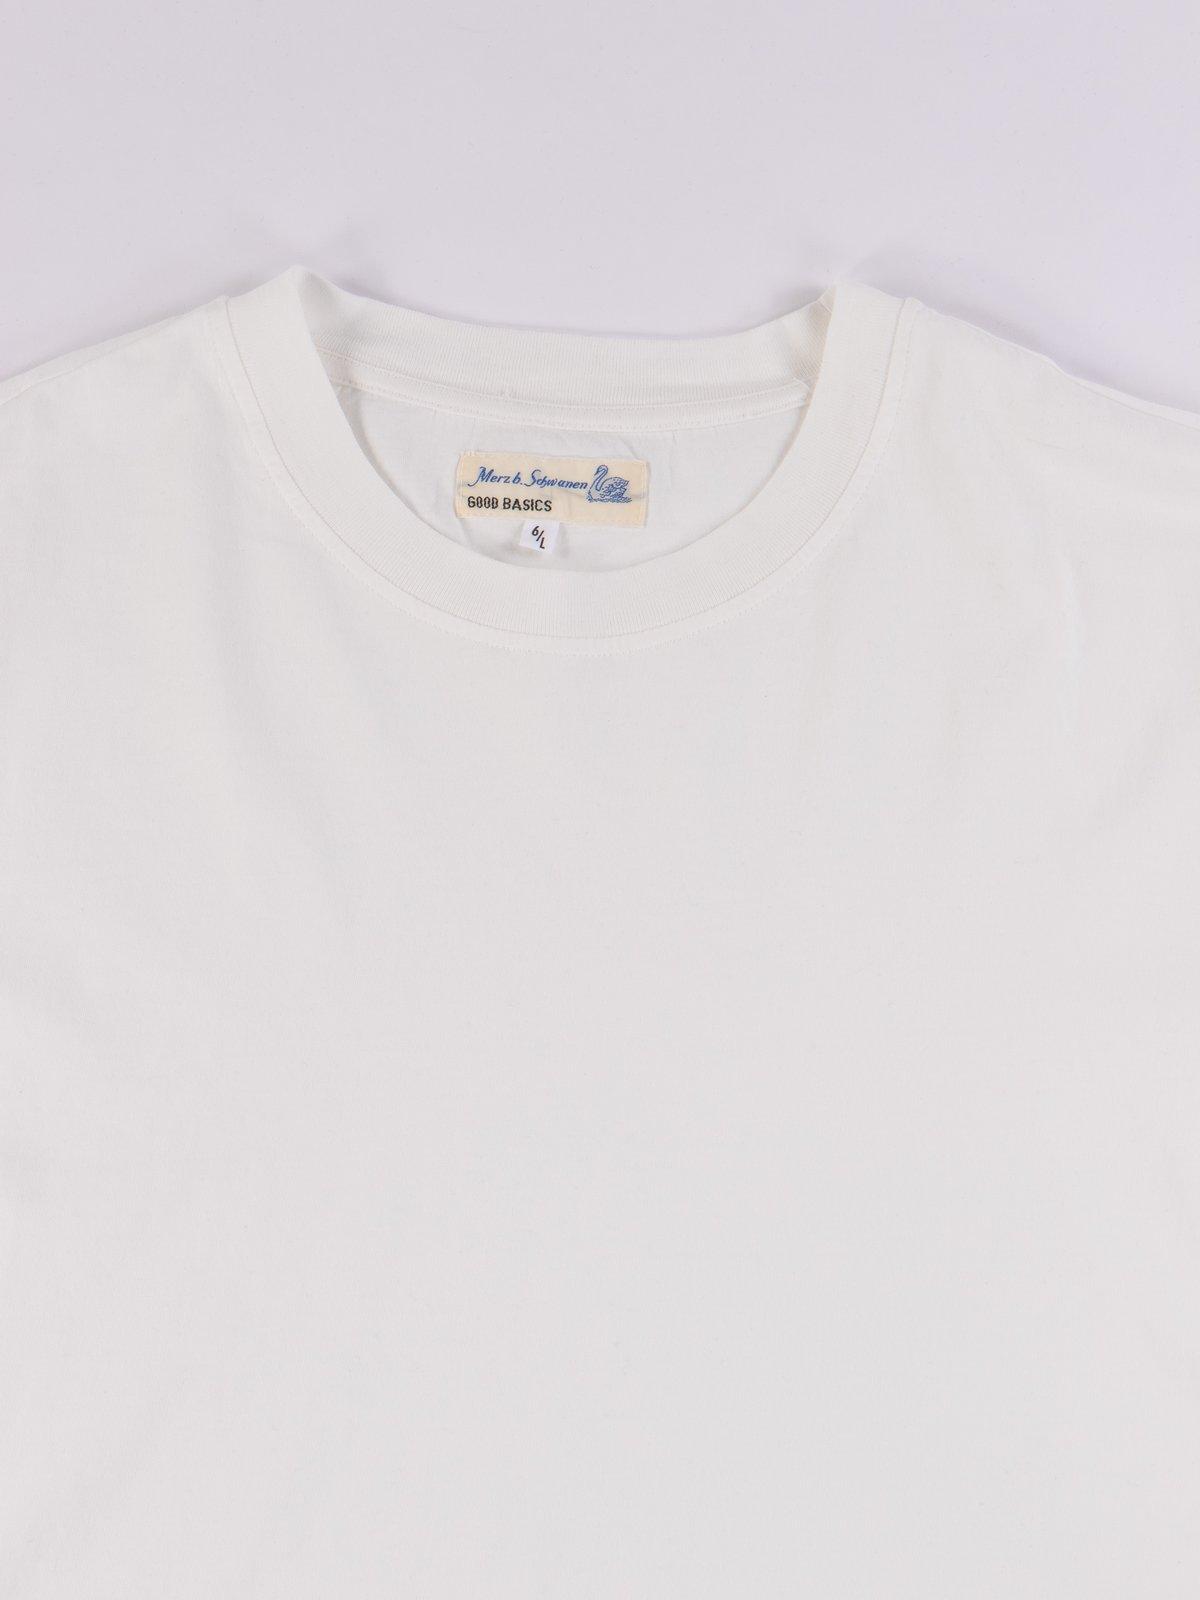 White Good Basics CTOS01 Oversized Crew Neck Tee - Image 3